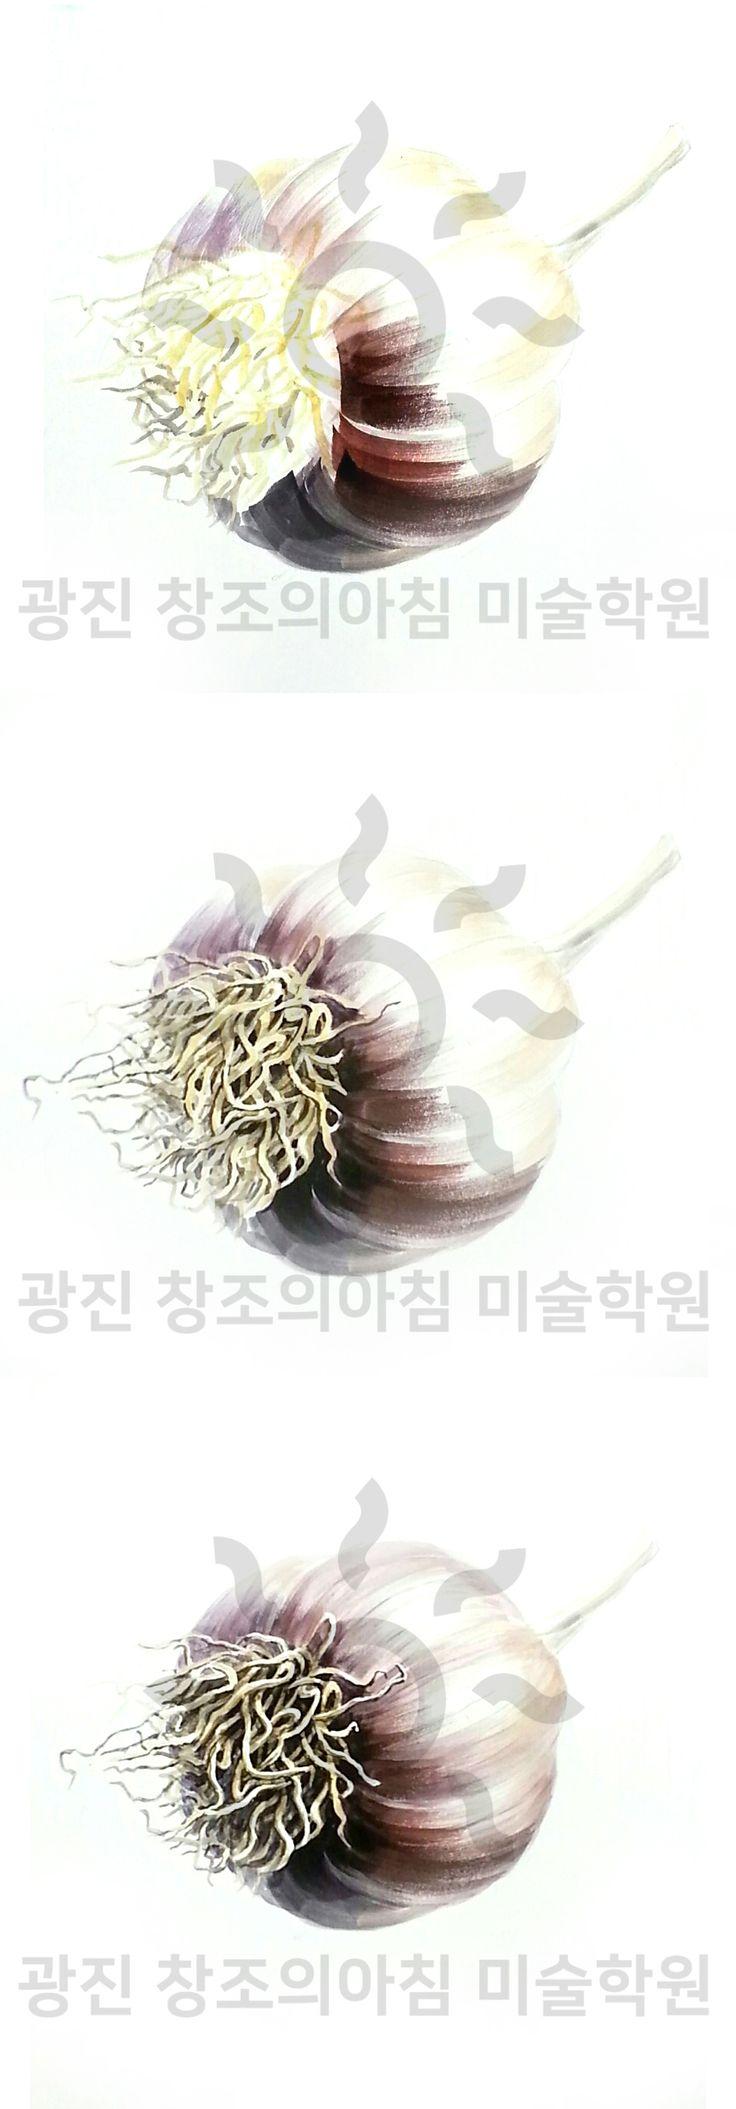 기초디자인 마늘 개체 묘사